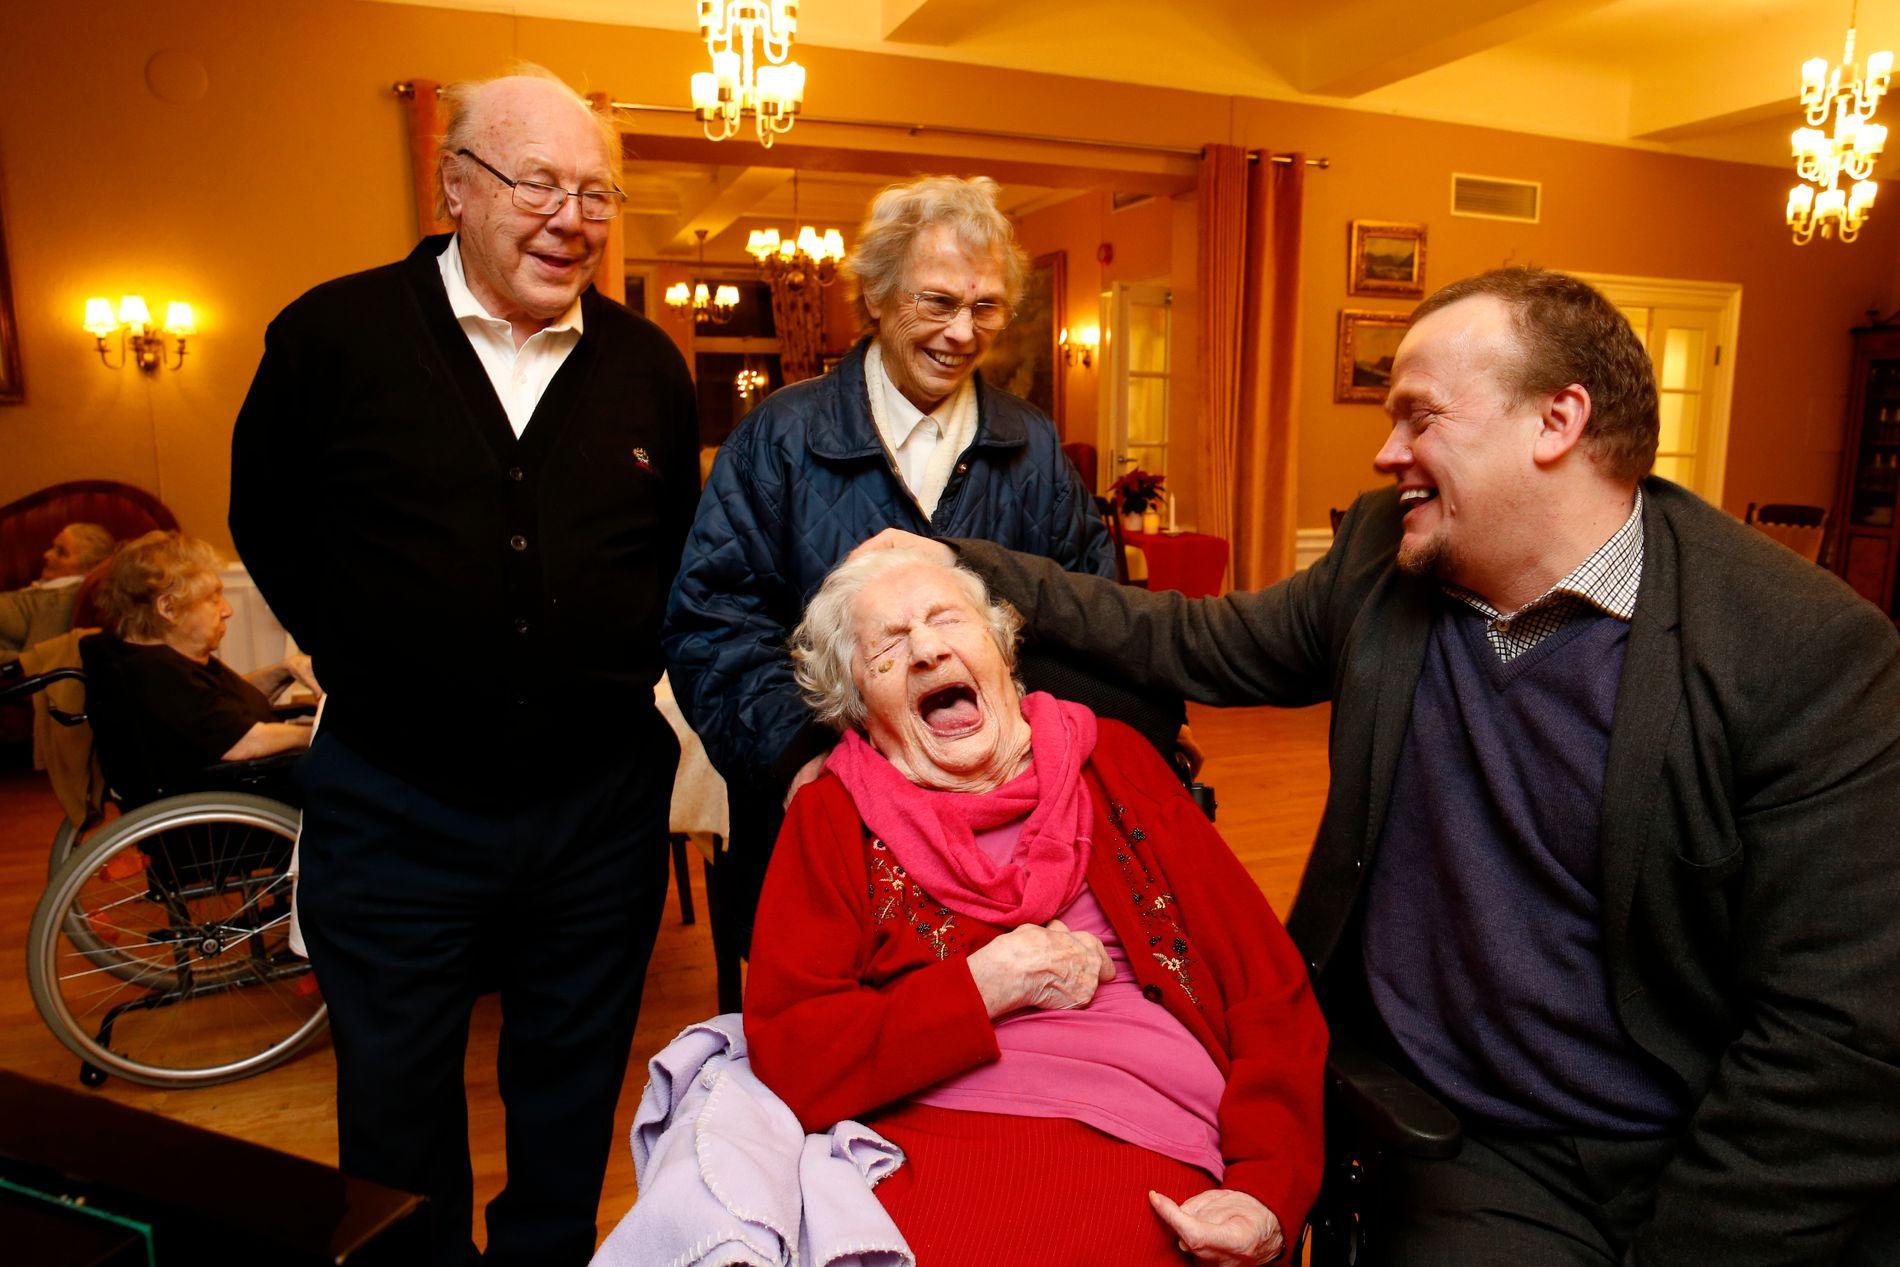 FEIRER JUBILANTEN: Elisabeth Julie Ekenæs fyller 112 år og blir fornøyd da gjestene synger for henne. Fra venstre: Jan Skjelin, Eva Kristiansen Skjelin, jubilanten Elisabeth Julie Ekenæs og Jan Frode Kristiansen.